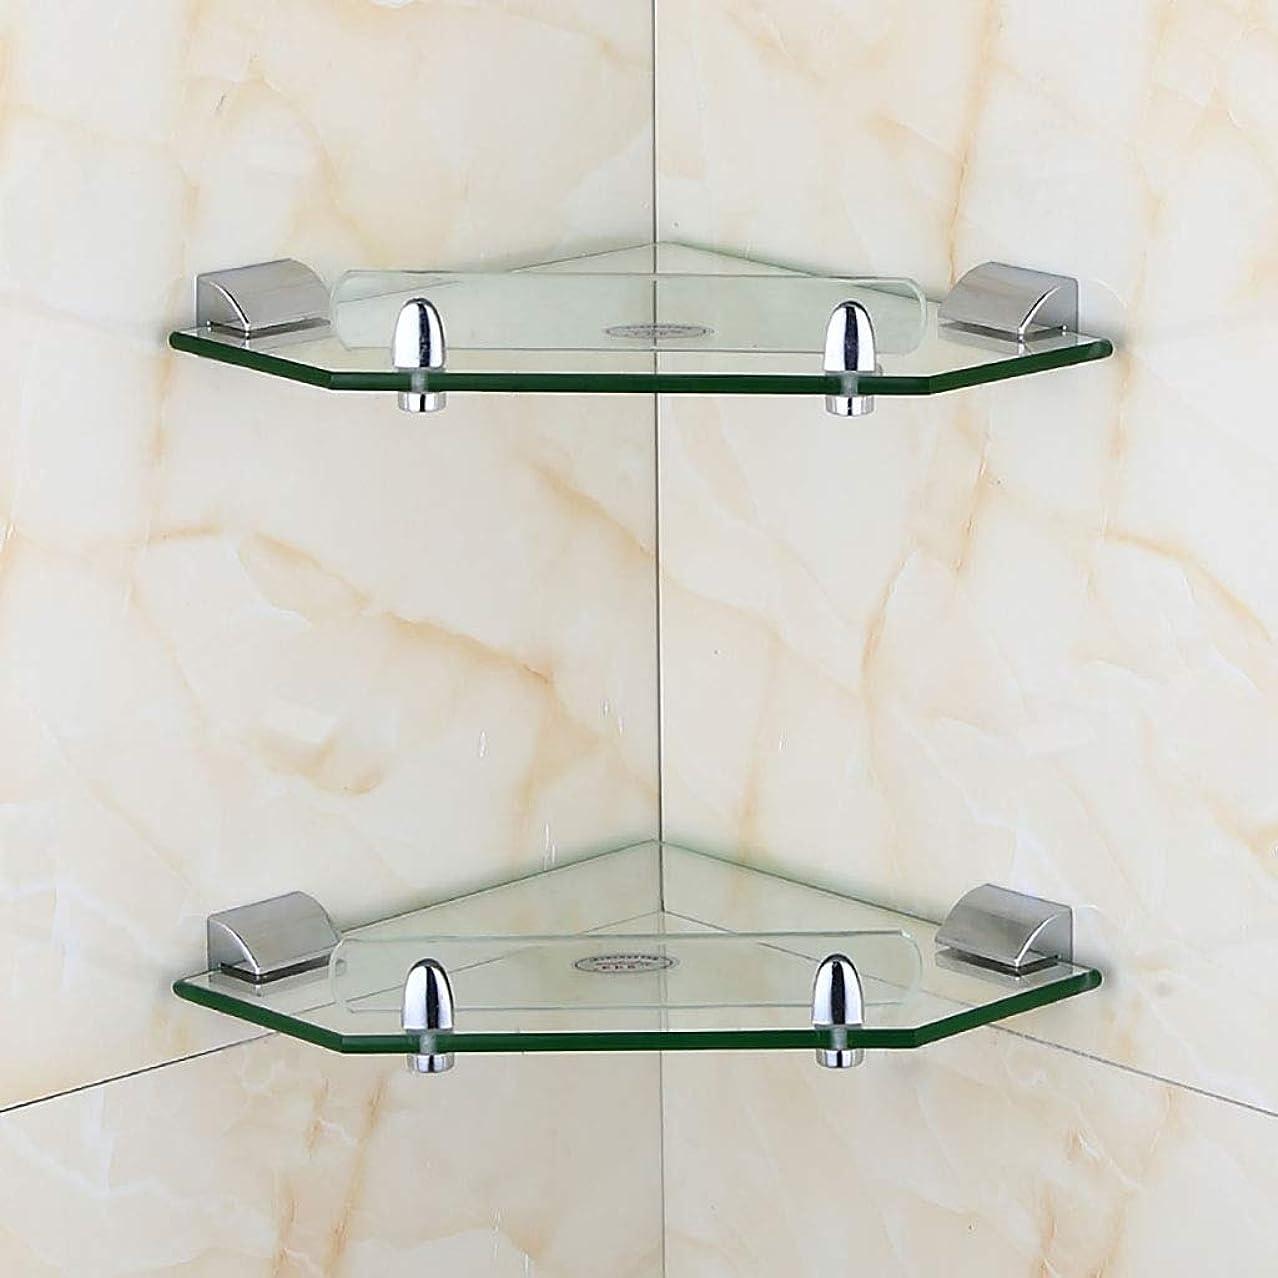 ウェーハ見習いペック8mm 強化ガラス ウォールマウント バスルーム シェルフ ストレージシェルフ ステンレス鋼 ウォール 三脚 バスルーム コーナーフレーム